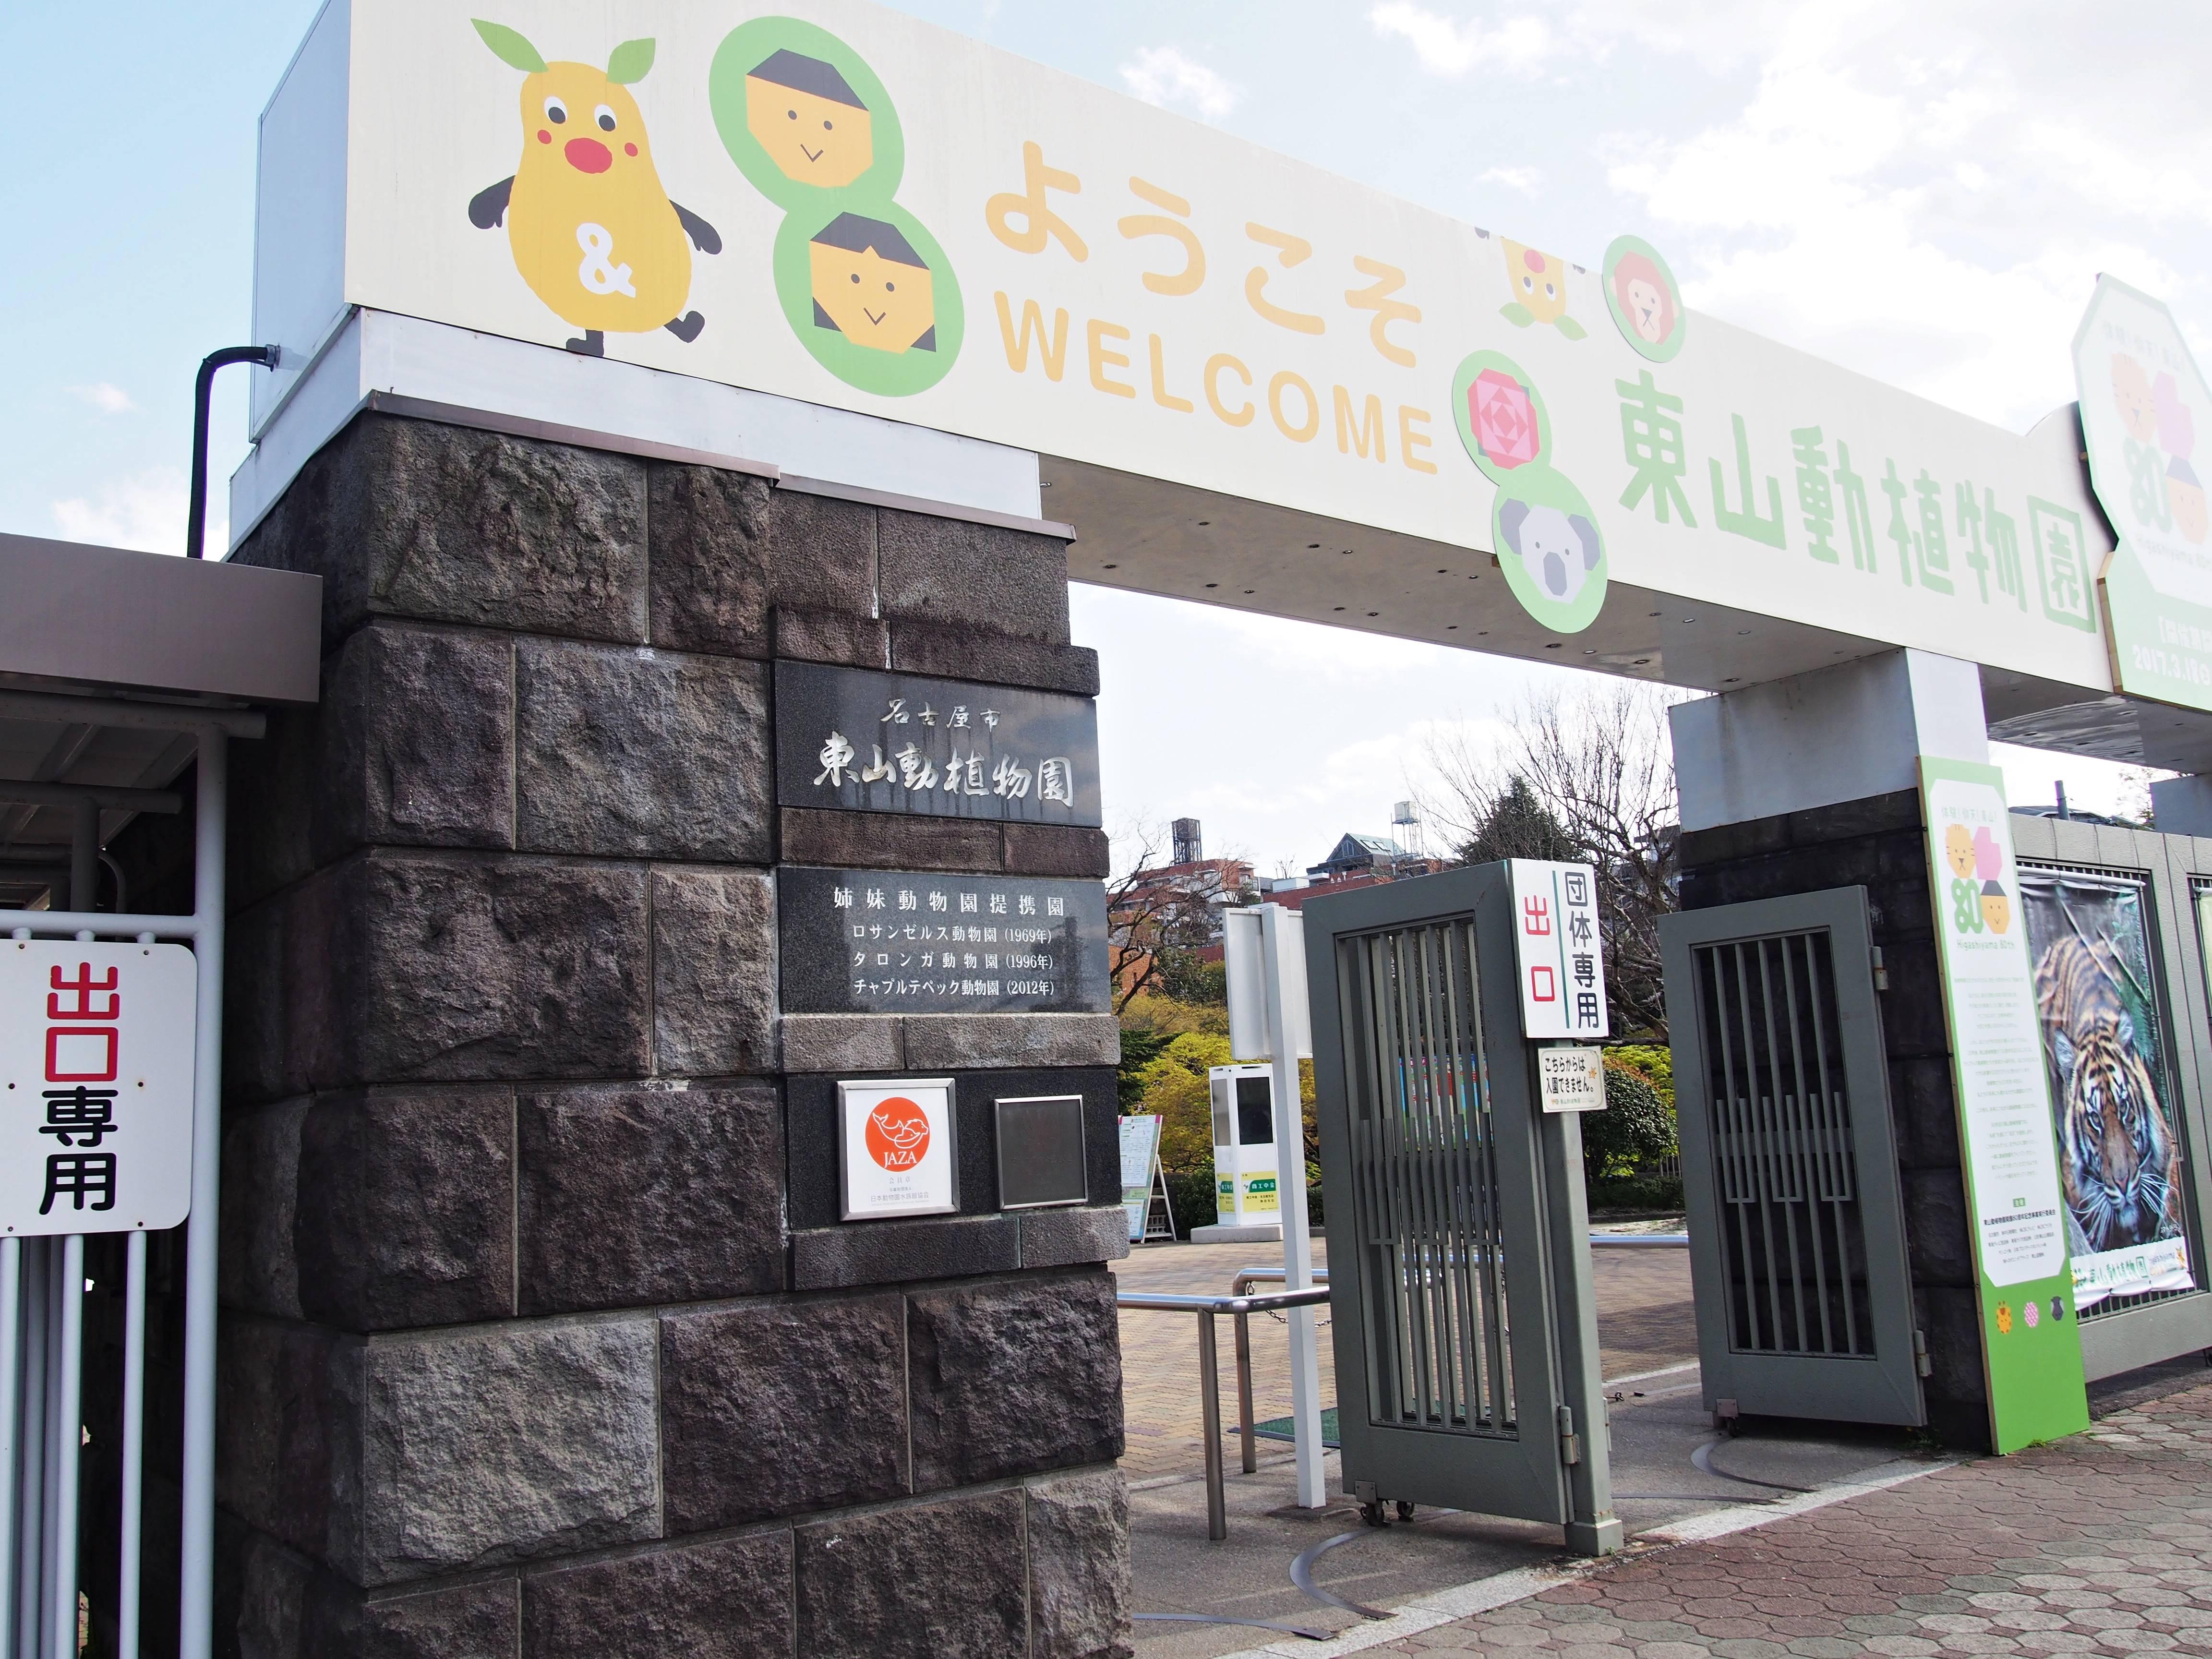 思い出をつなぐ。東山動植物園・80周年記念イベントの見どころを徹底解剖! - P4121933